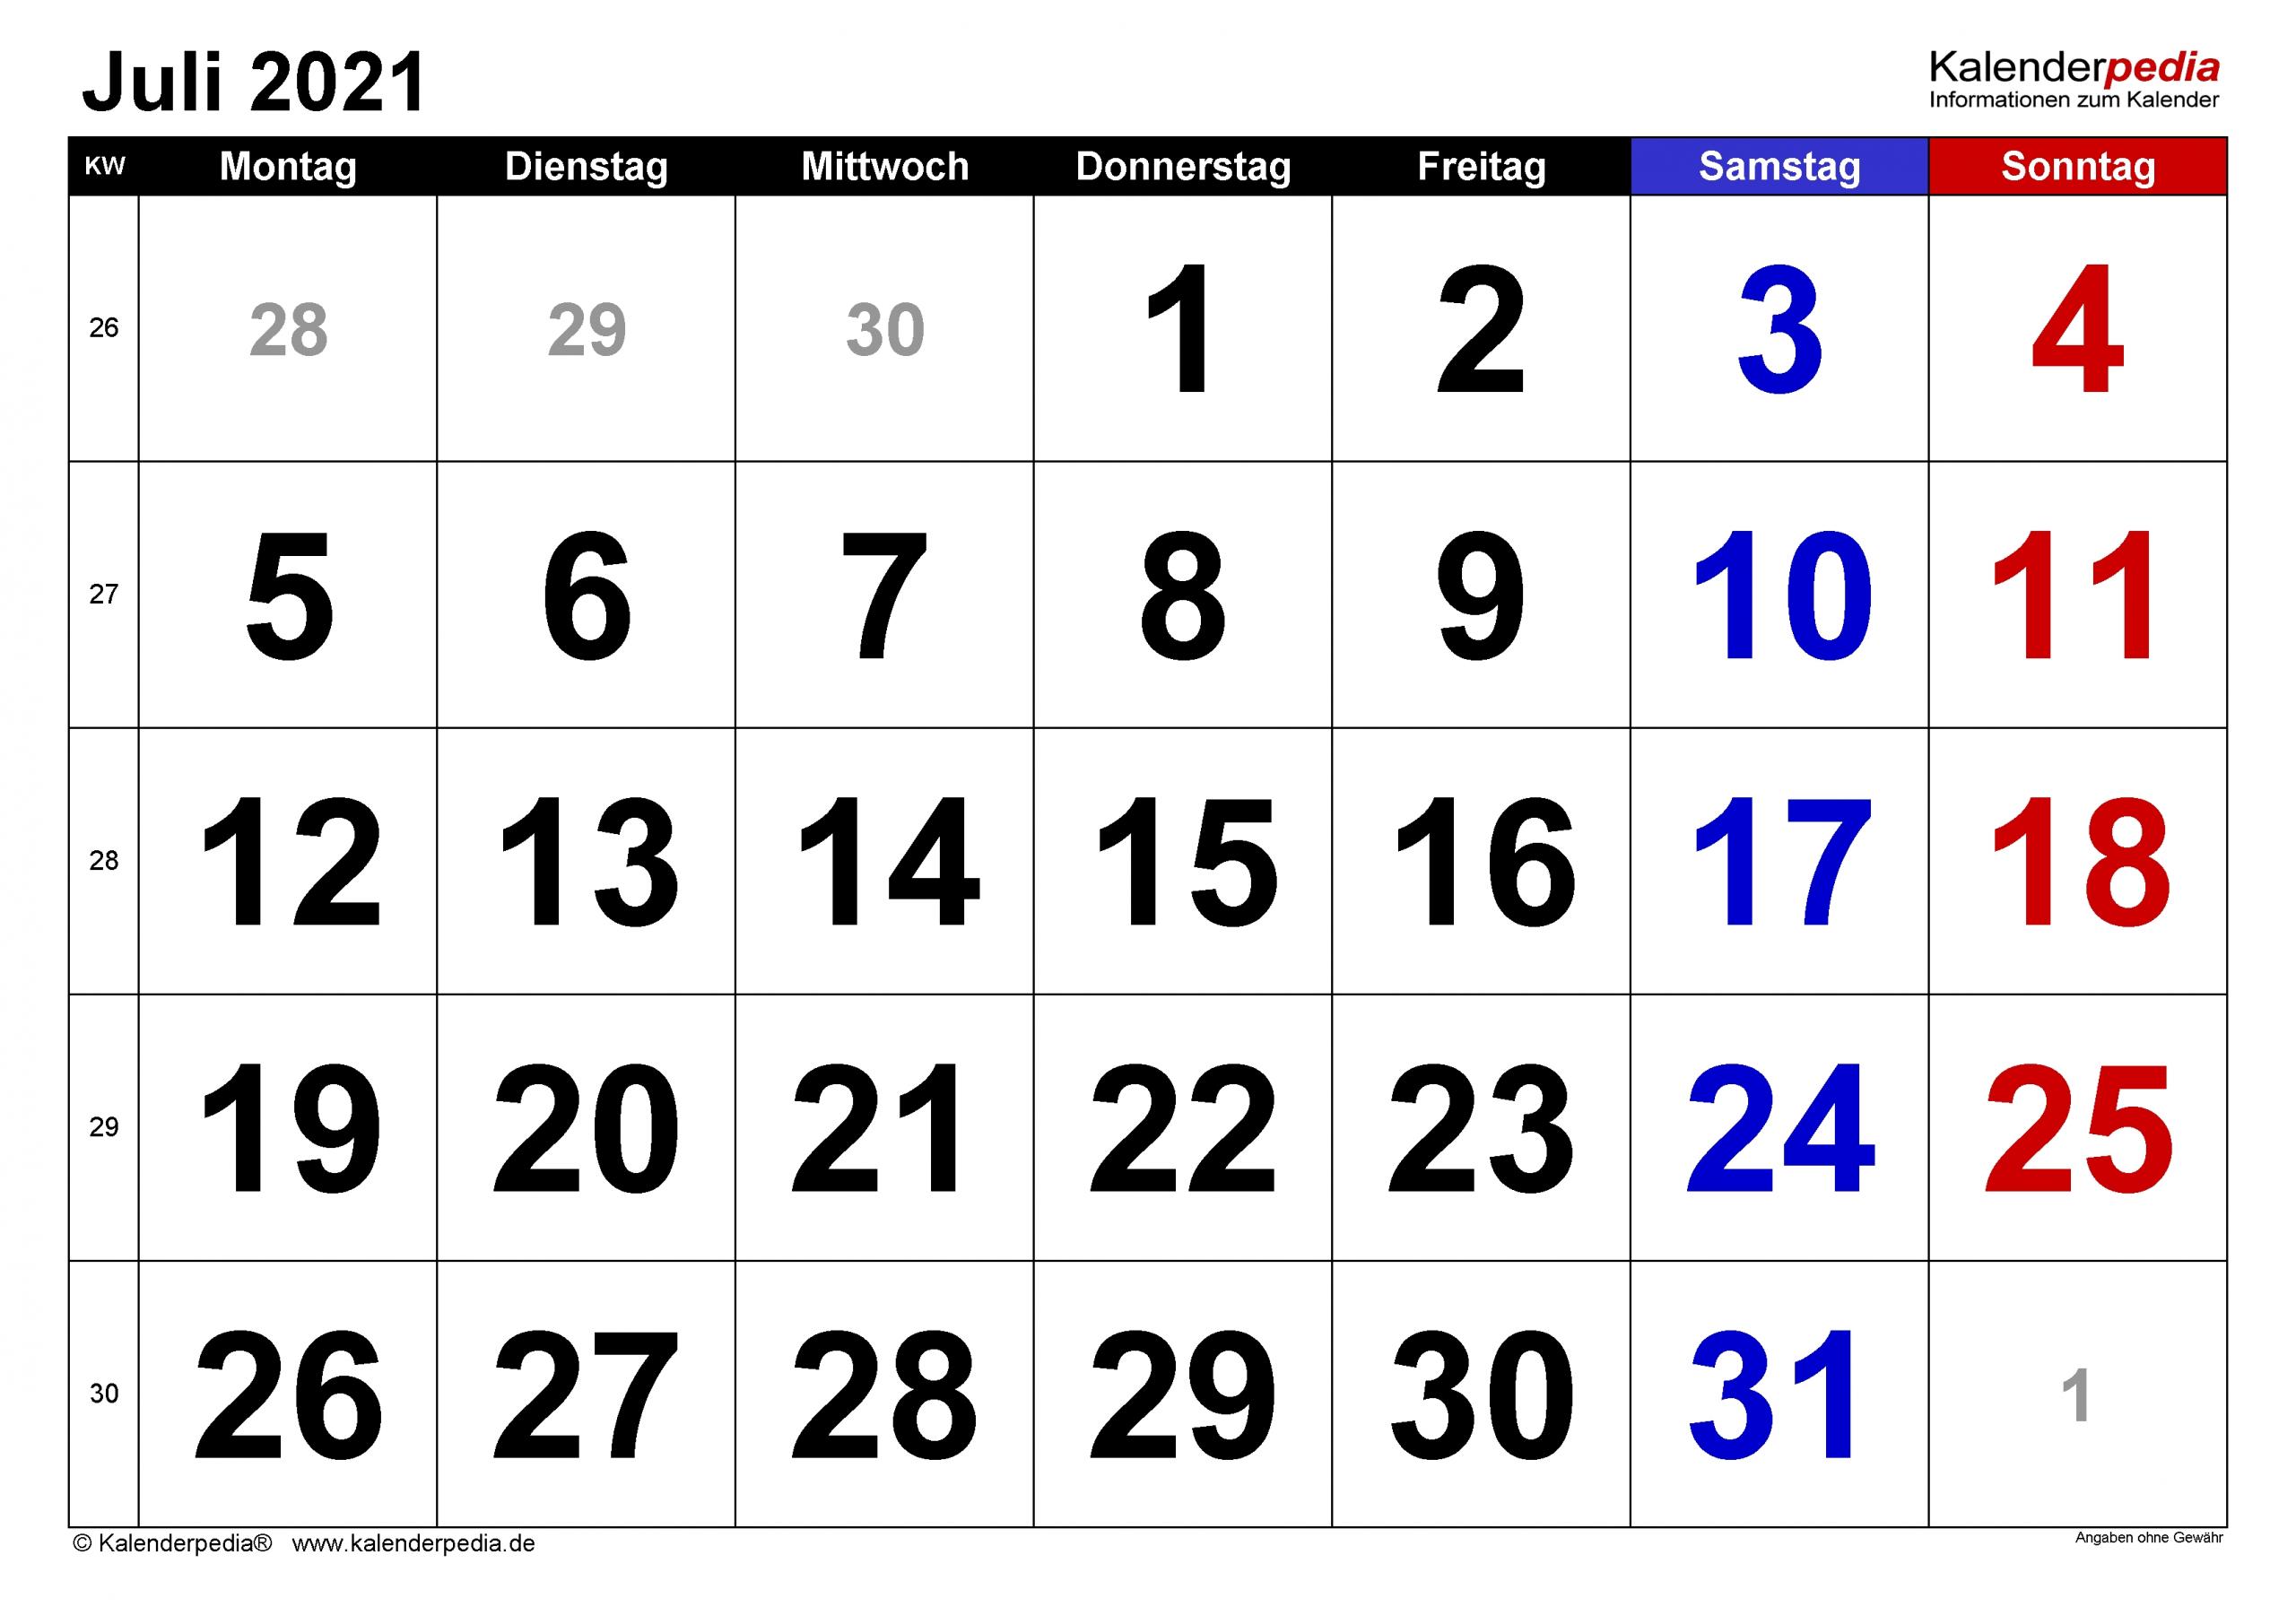 Catch Kalenderblatt 2021 Ab Juli